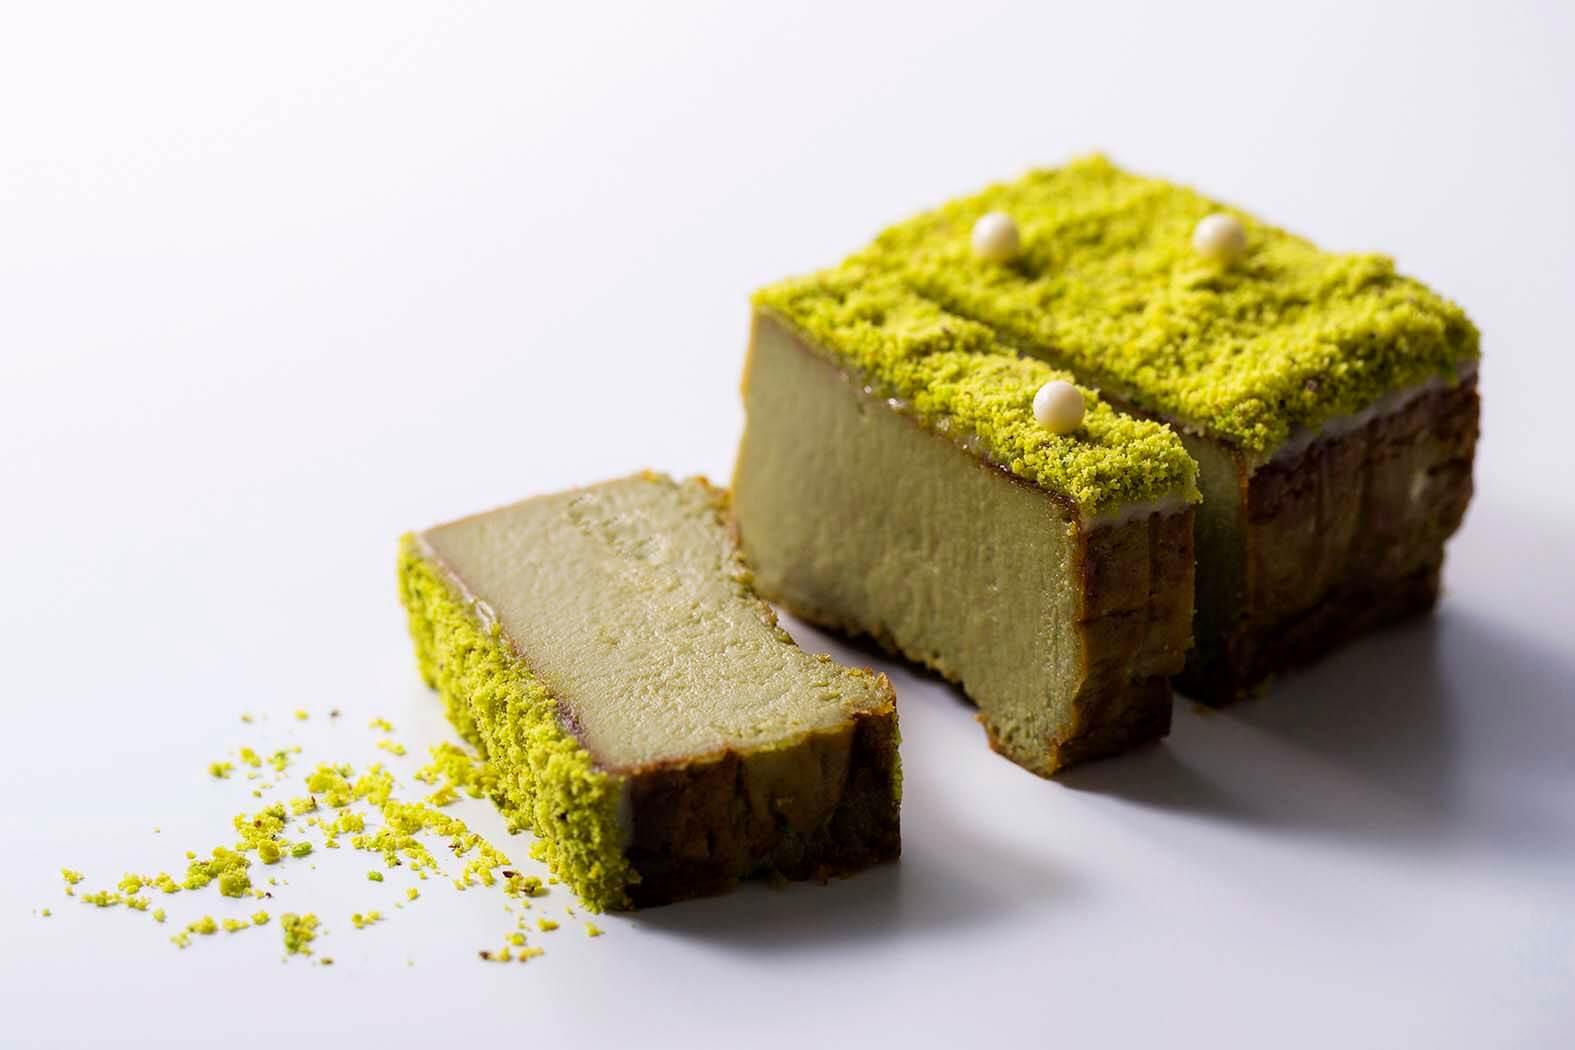 佐藤堂の『ピスタチオのチーズケーキ』